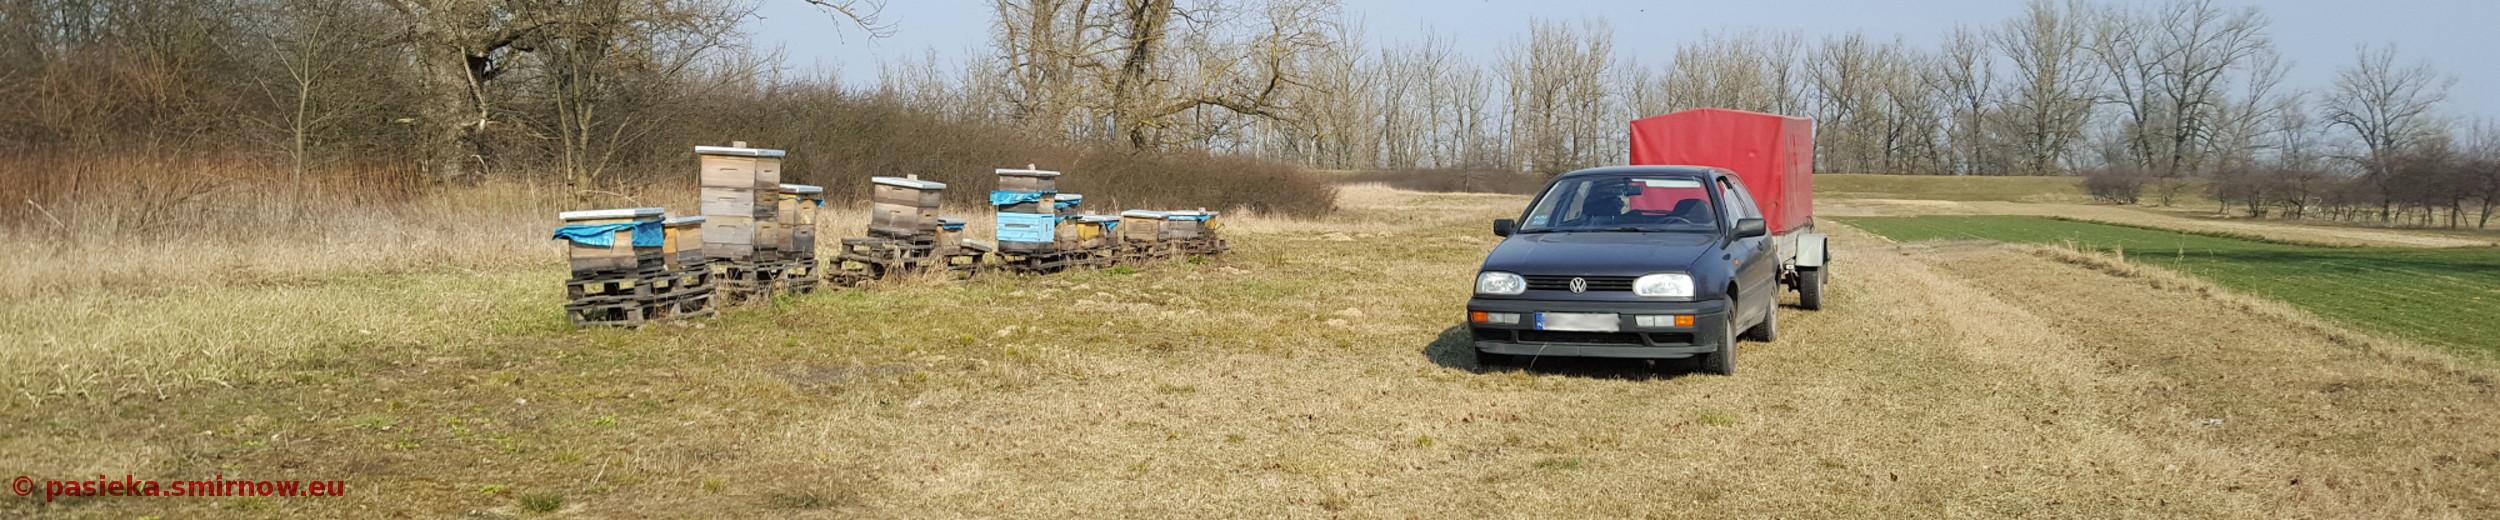 POD - widok z autem